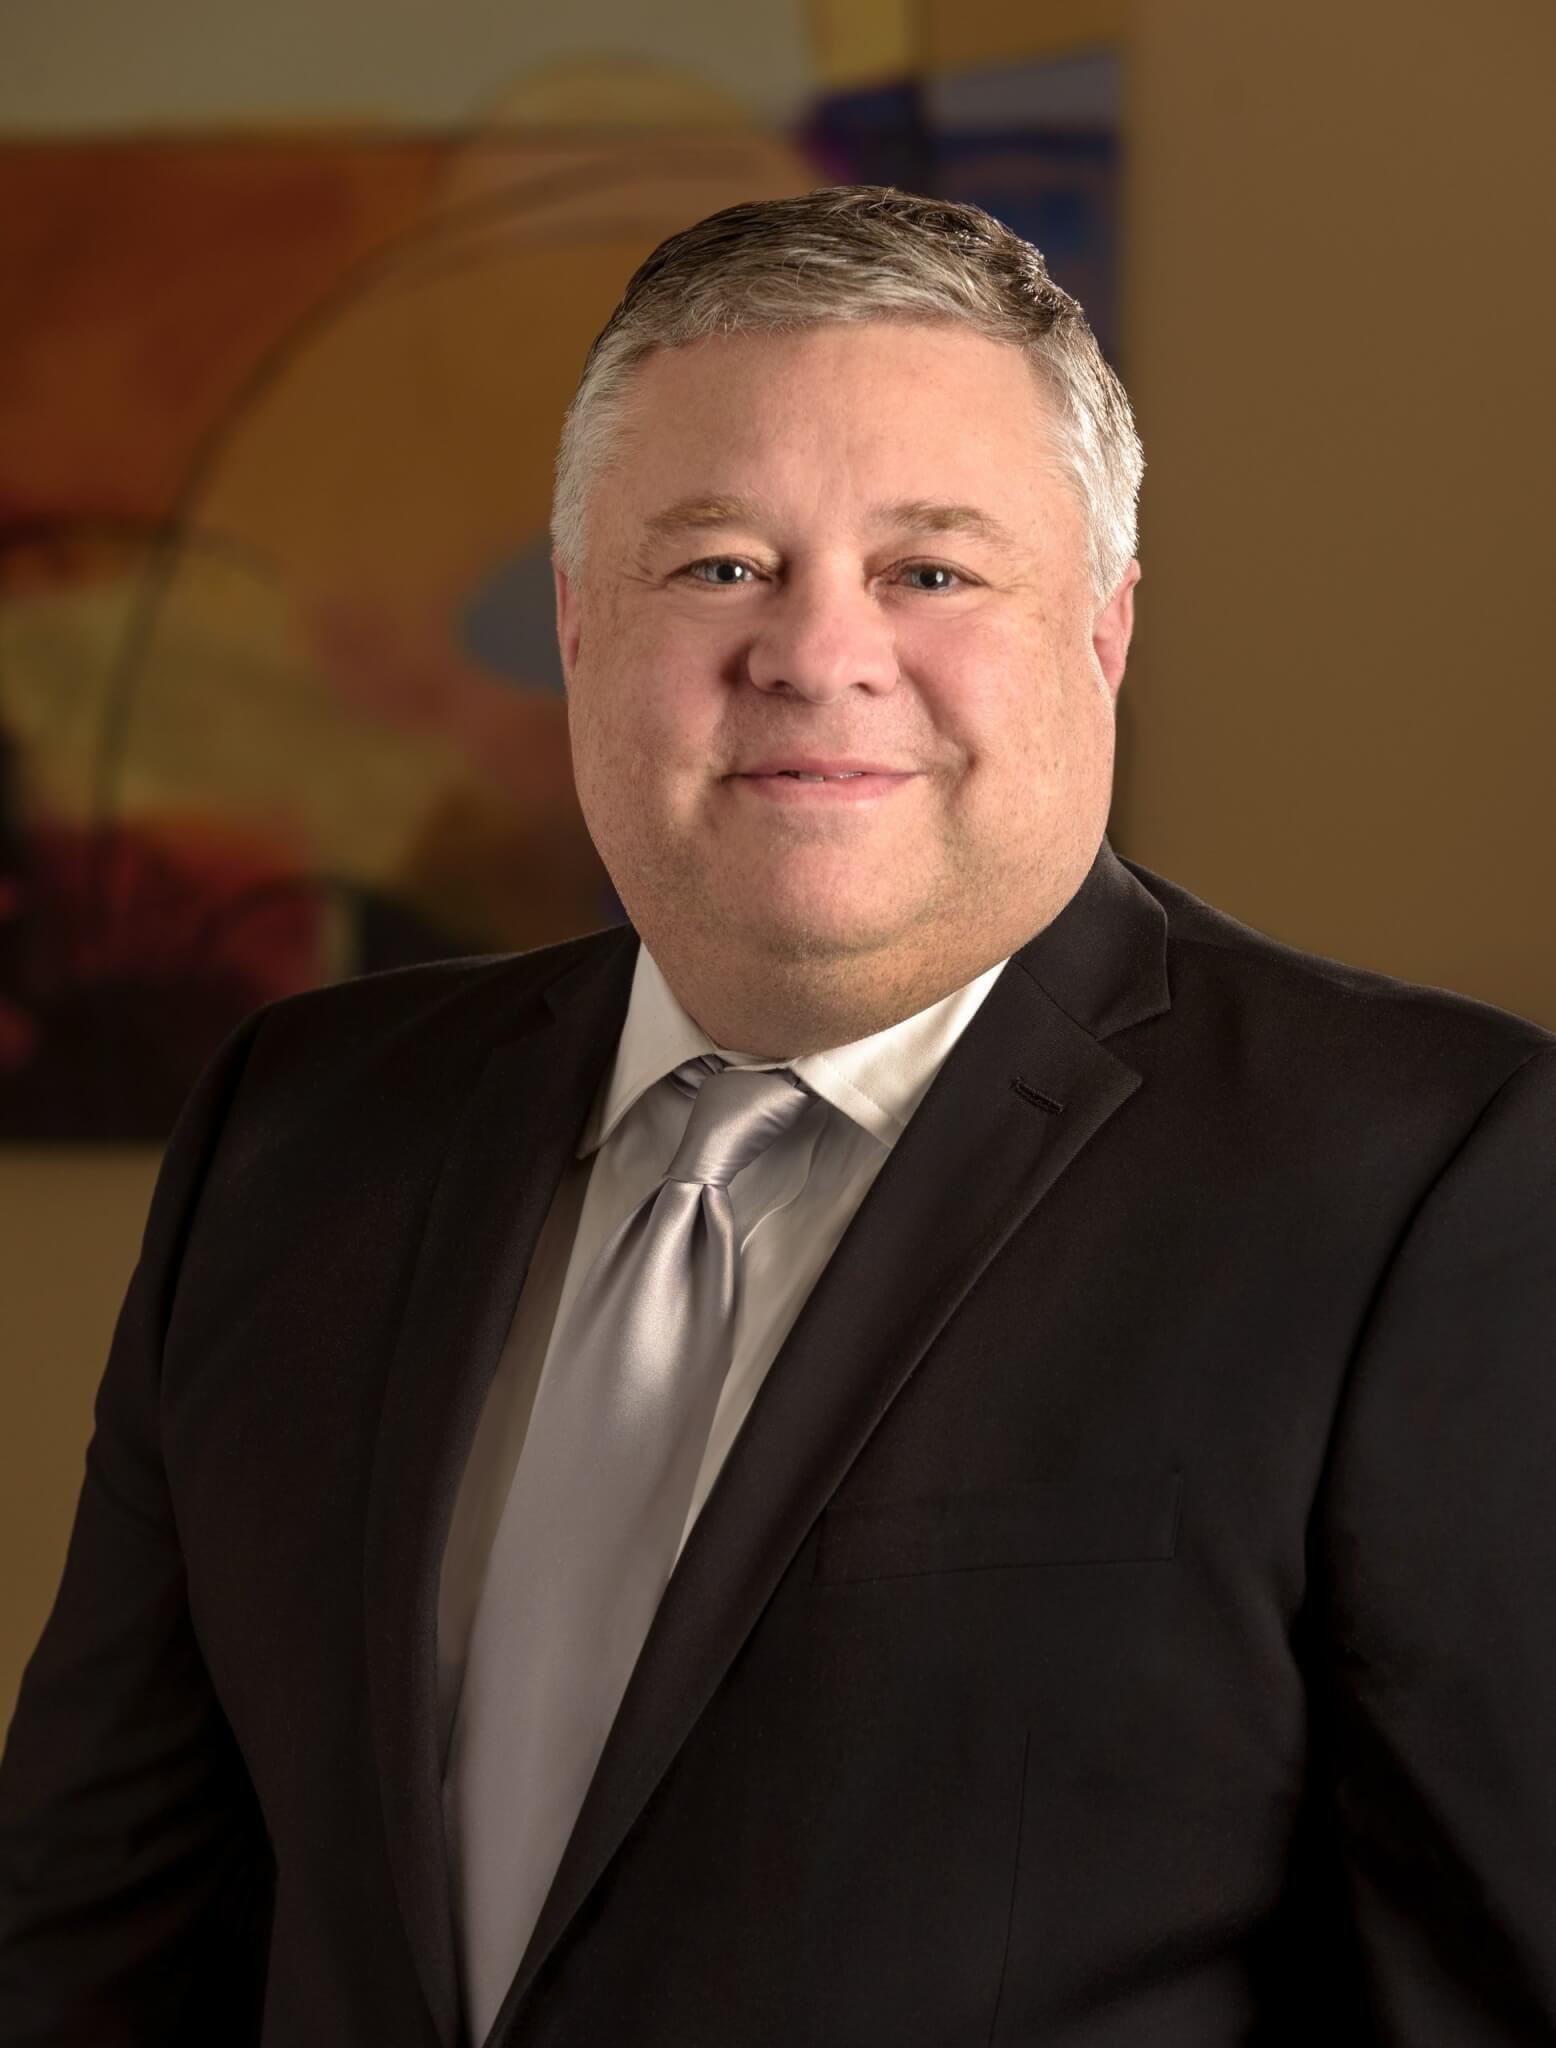 Dr. Stephen Bennett